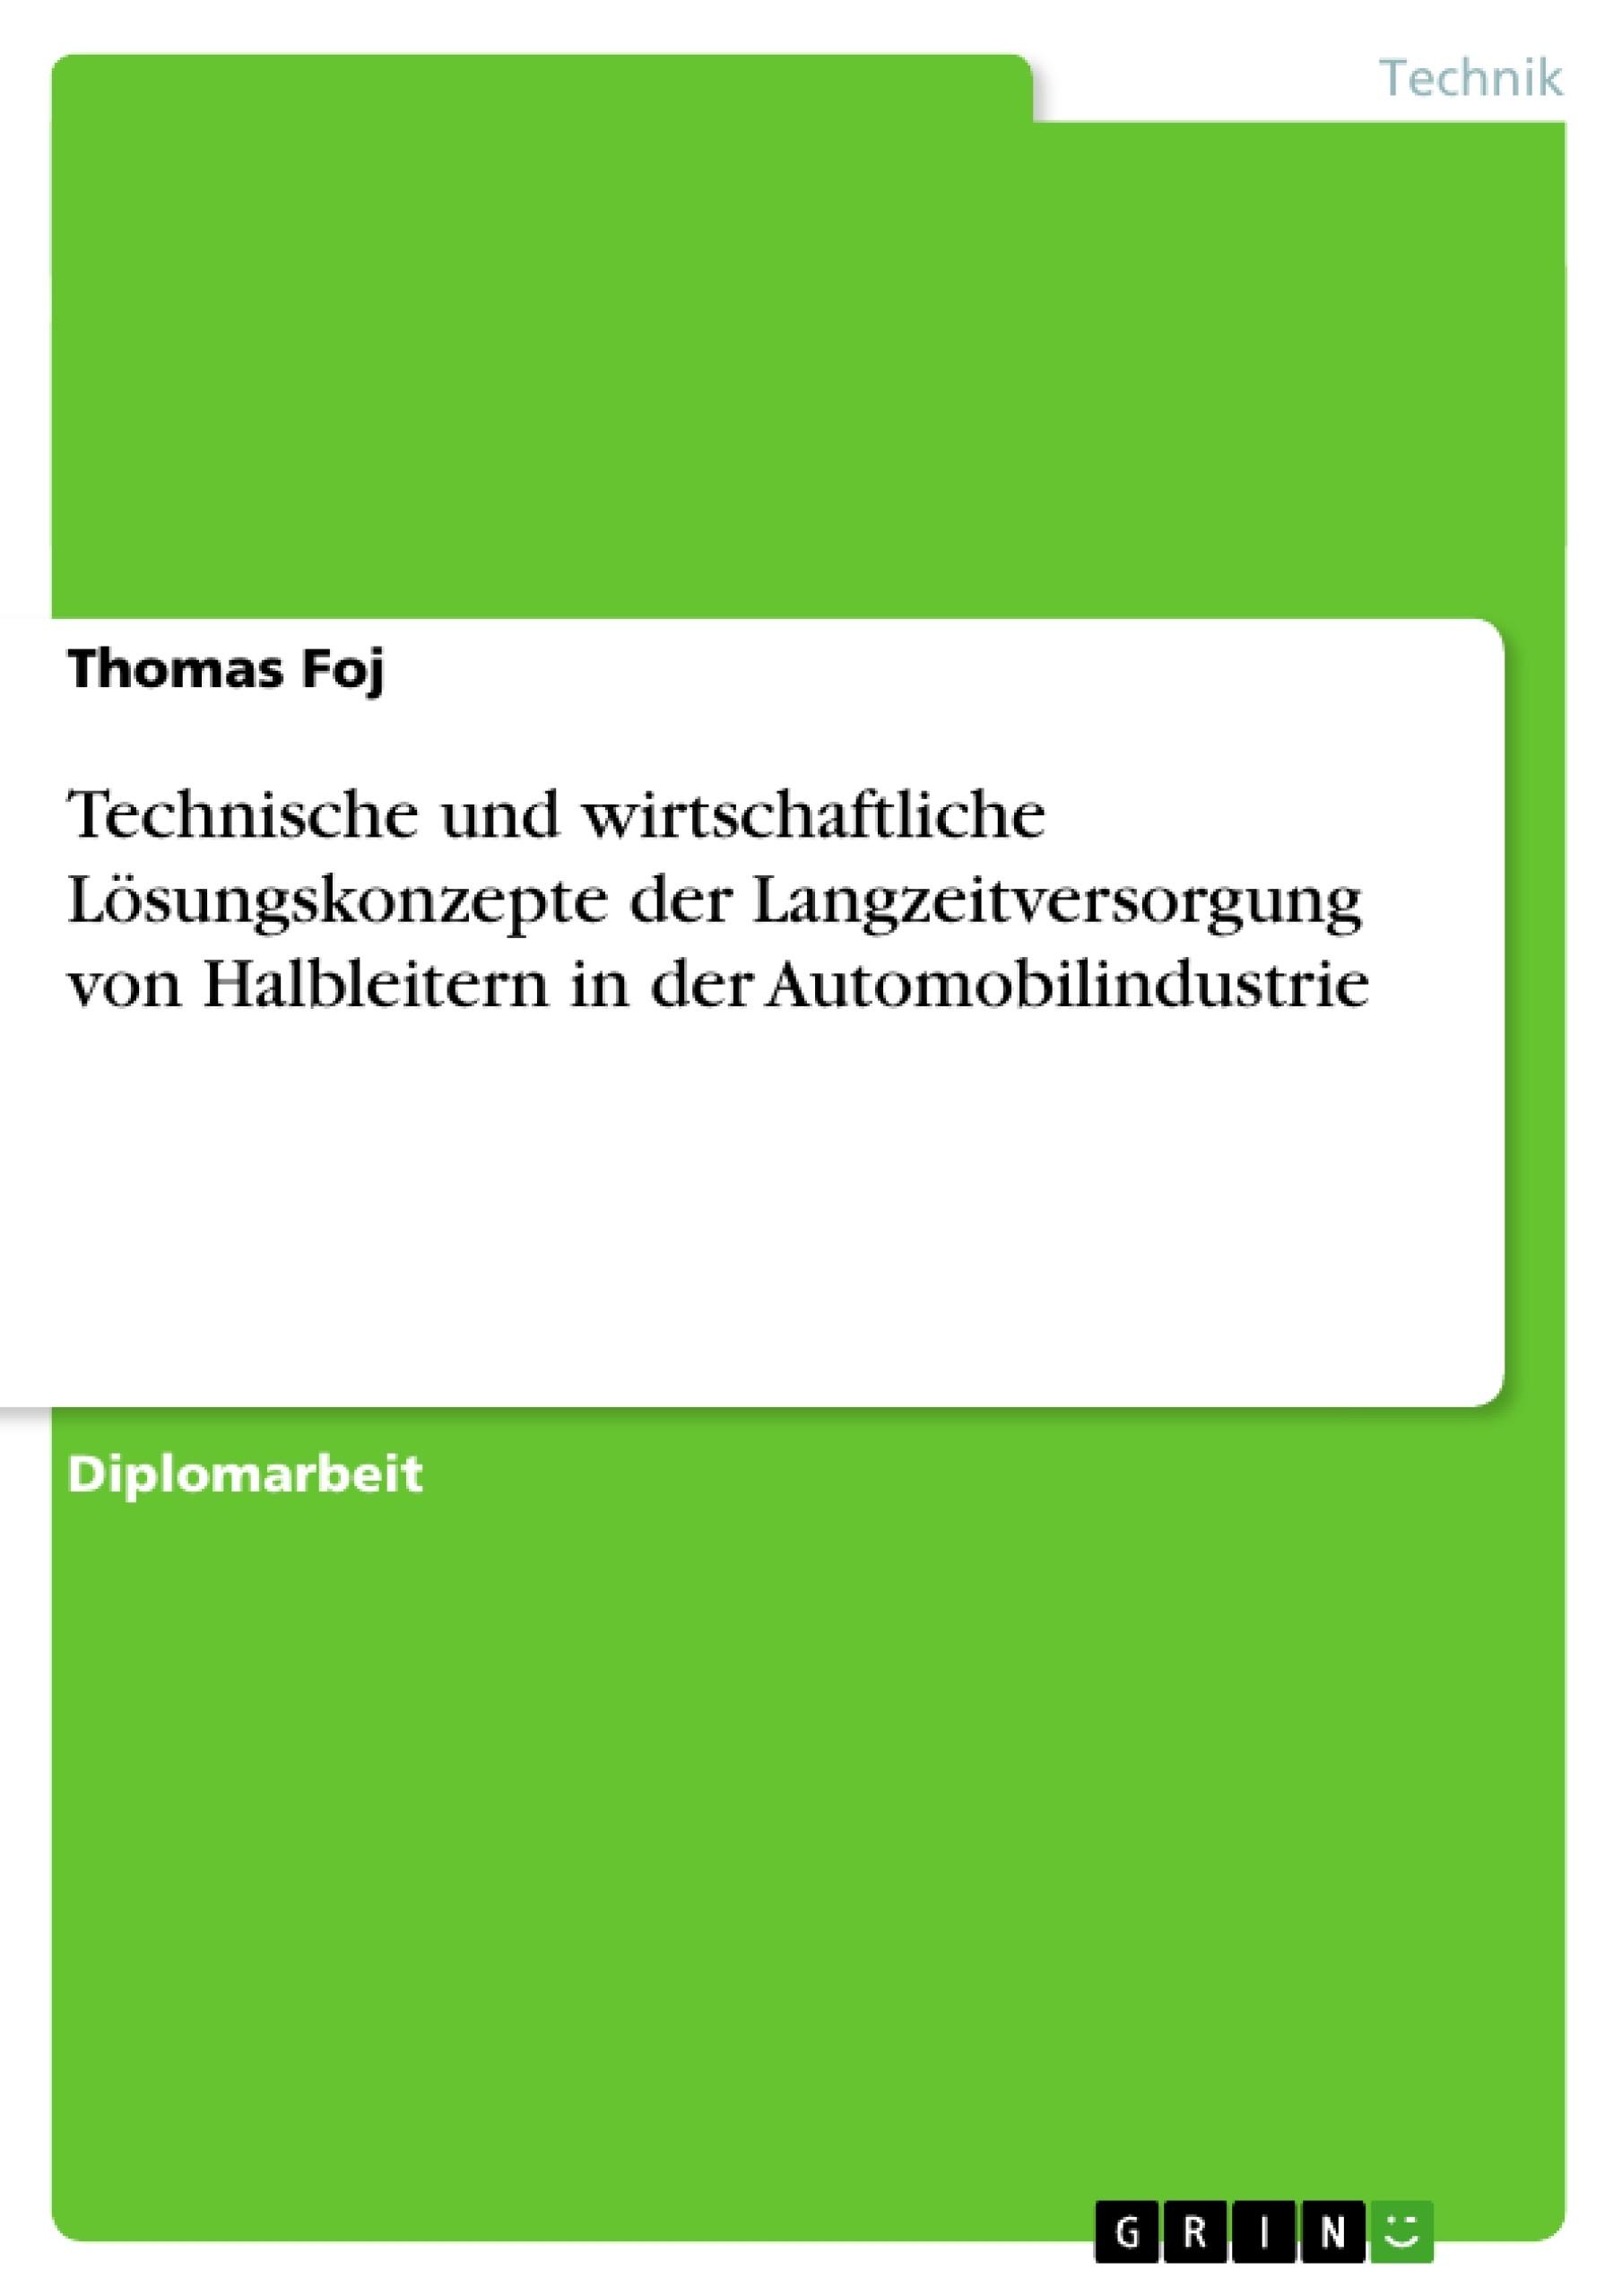 Titel: Technische und wirtschaftliche Lösungskonzepte der Langzeitversorgung von Halbleitern in der Automobilindustrie